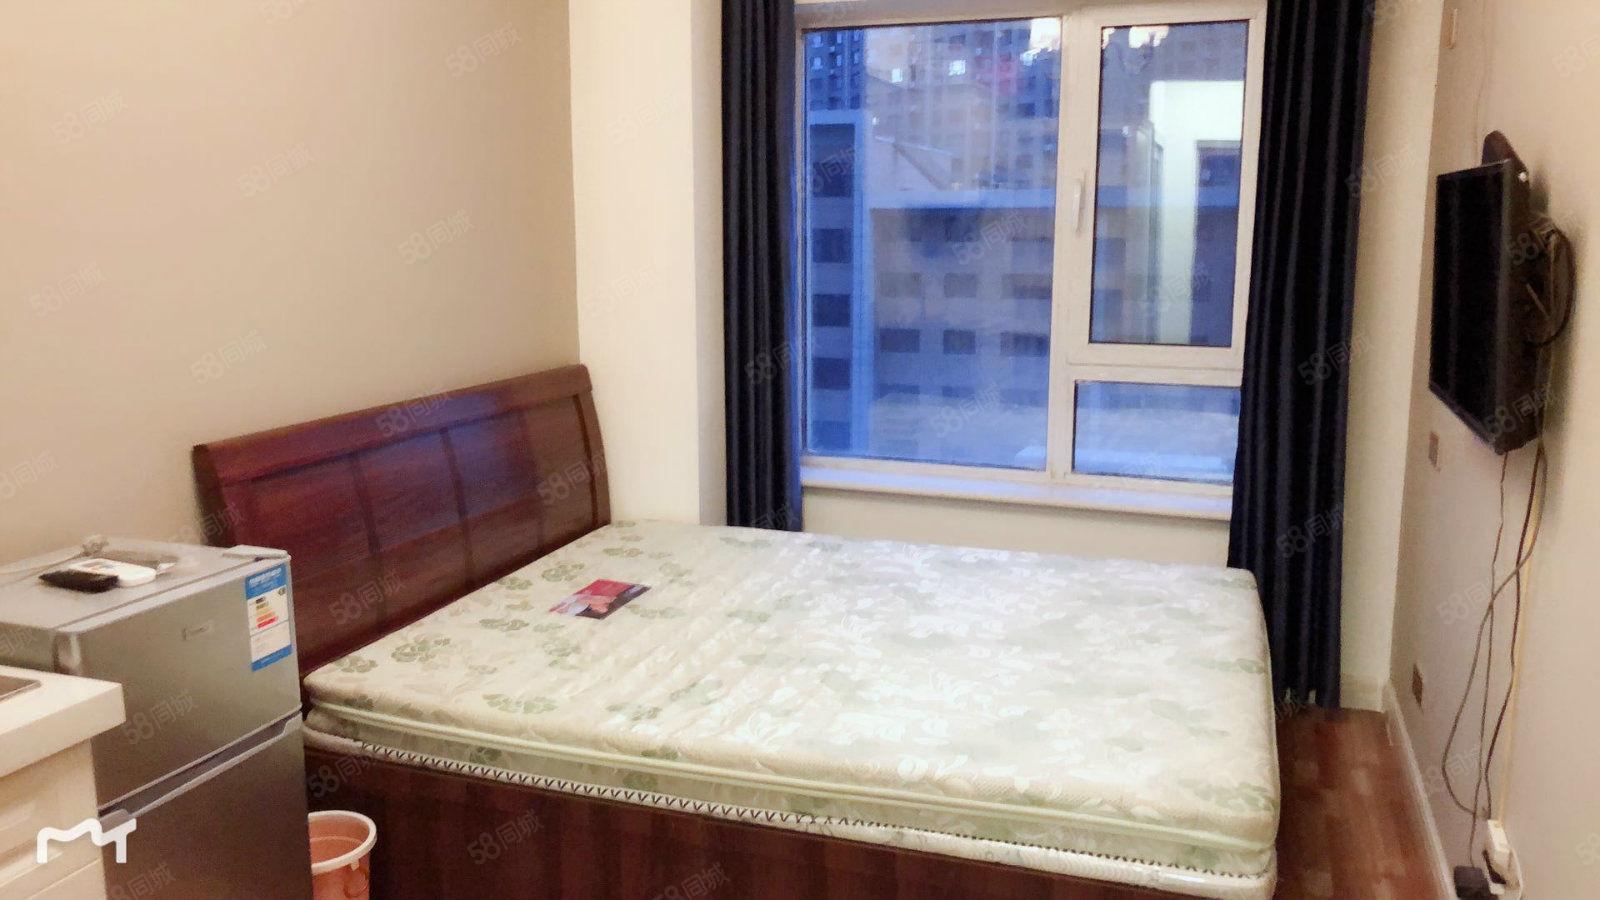 铂金时代精装公寓一居室年租月租日租温馨干净